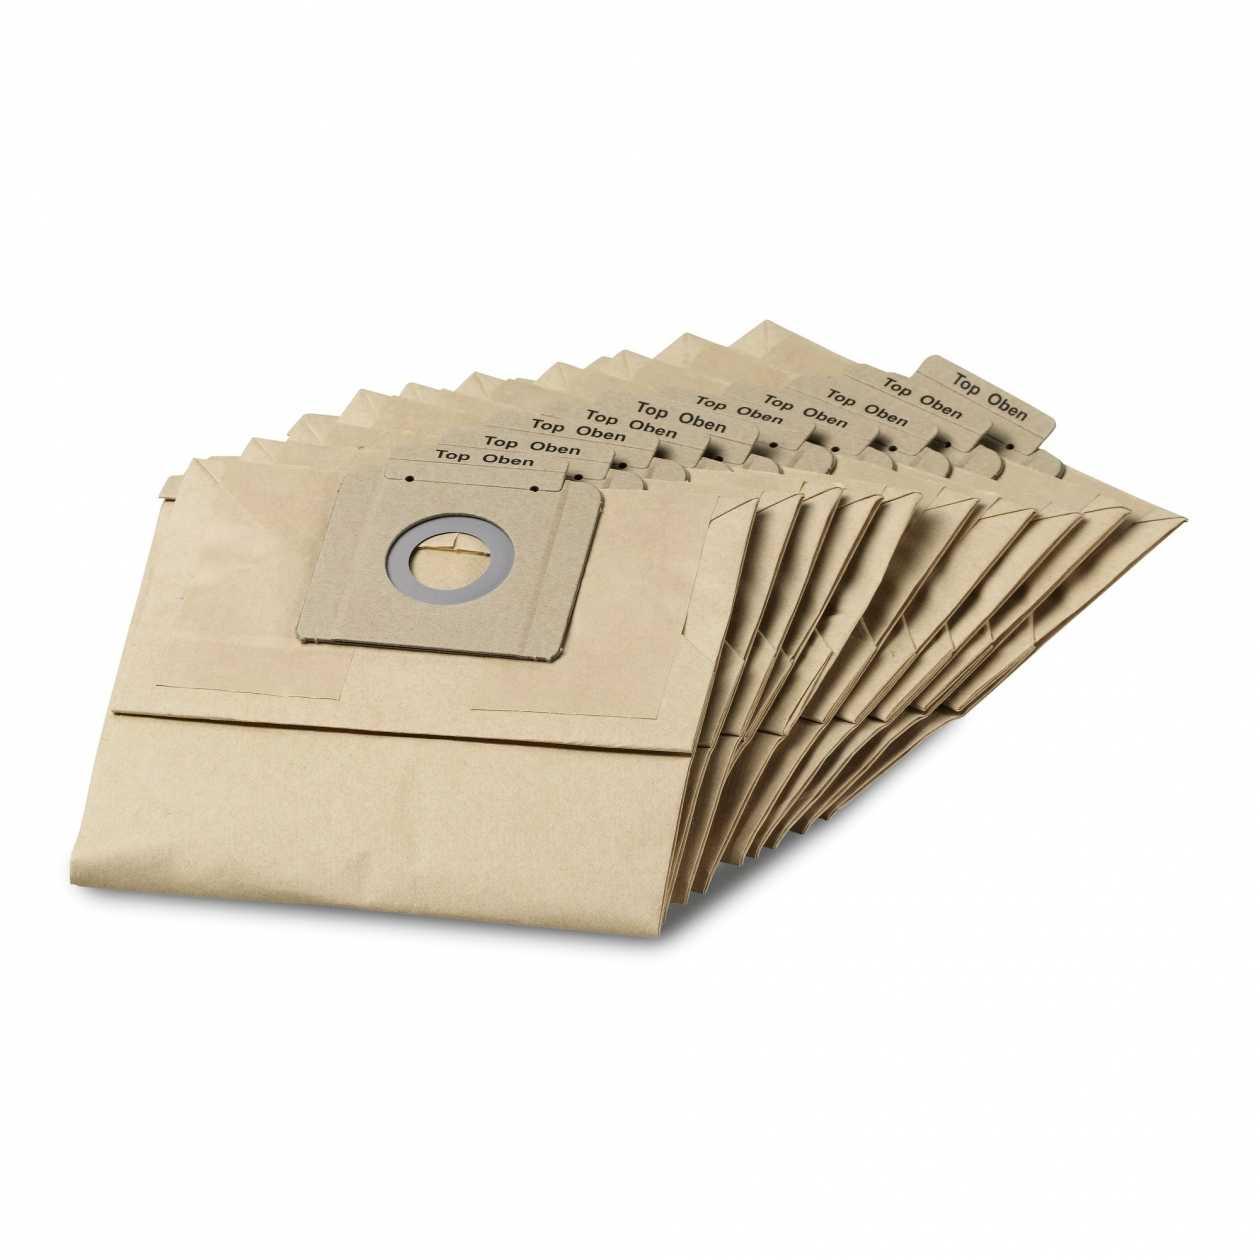 Filtre Papier Double Pour Aspirateur Karcher T12/1 Le Lot De 10 Accessoire  Aspirateur